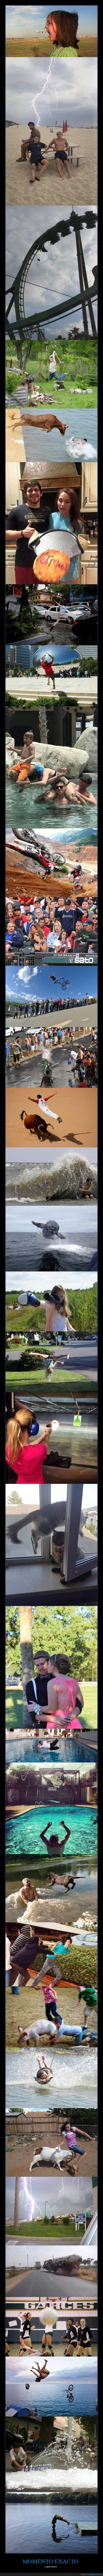 fotos,momento exacto,perfectly timed photos